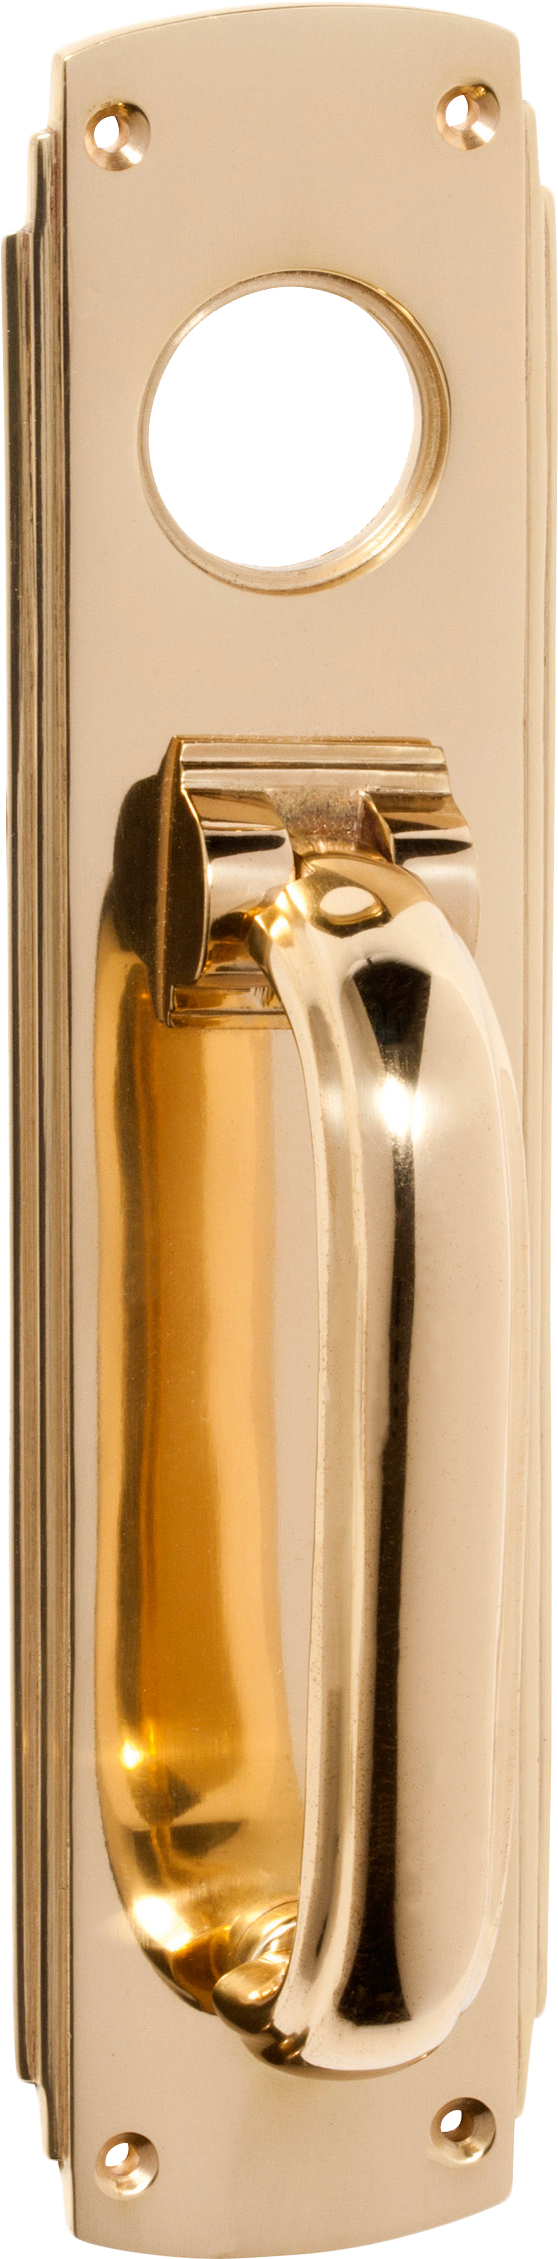 Sopersmac | Door Hardware | Door Accessories | Door Knockers And Bells |  Tradco Deco Pull Handle/Knocker   Cylinder Hole